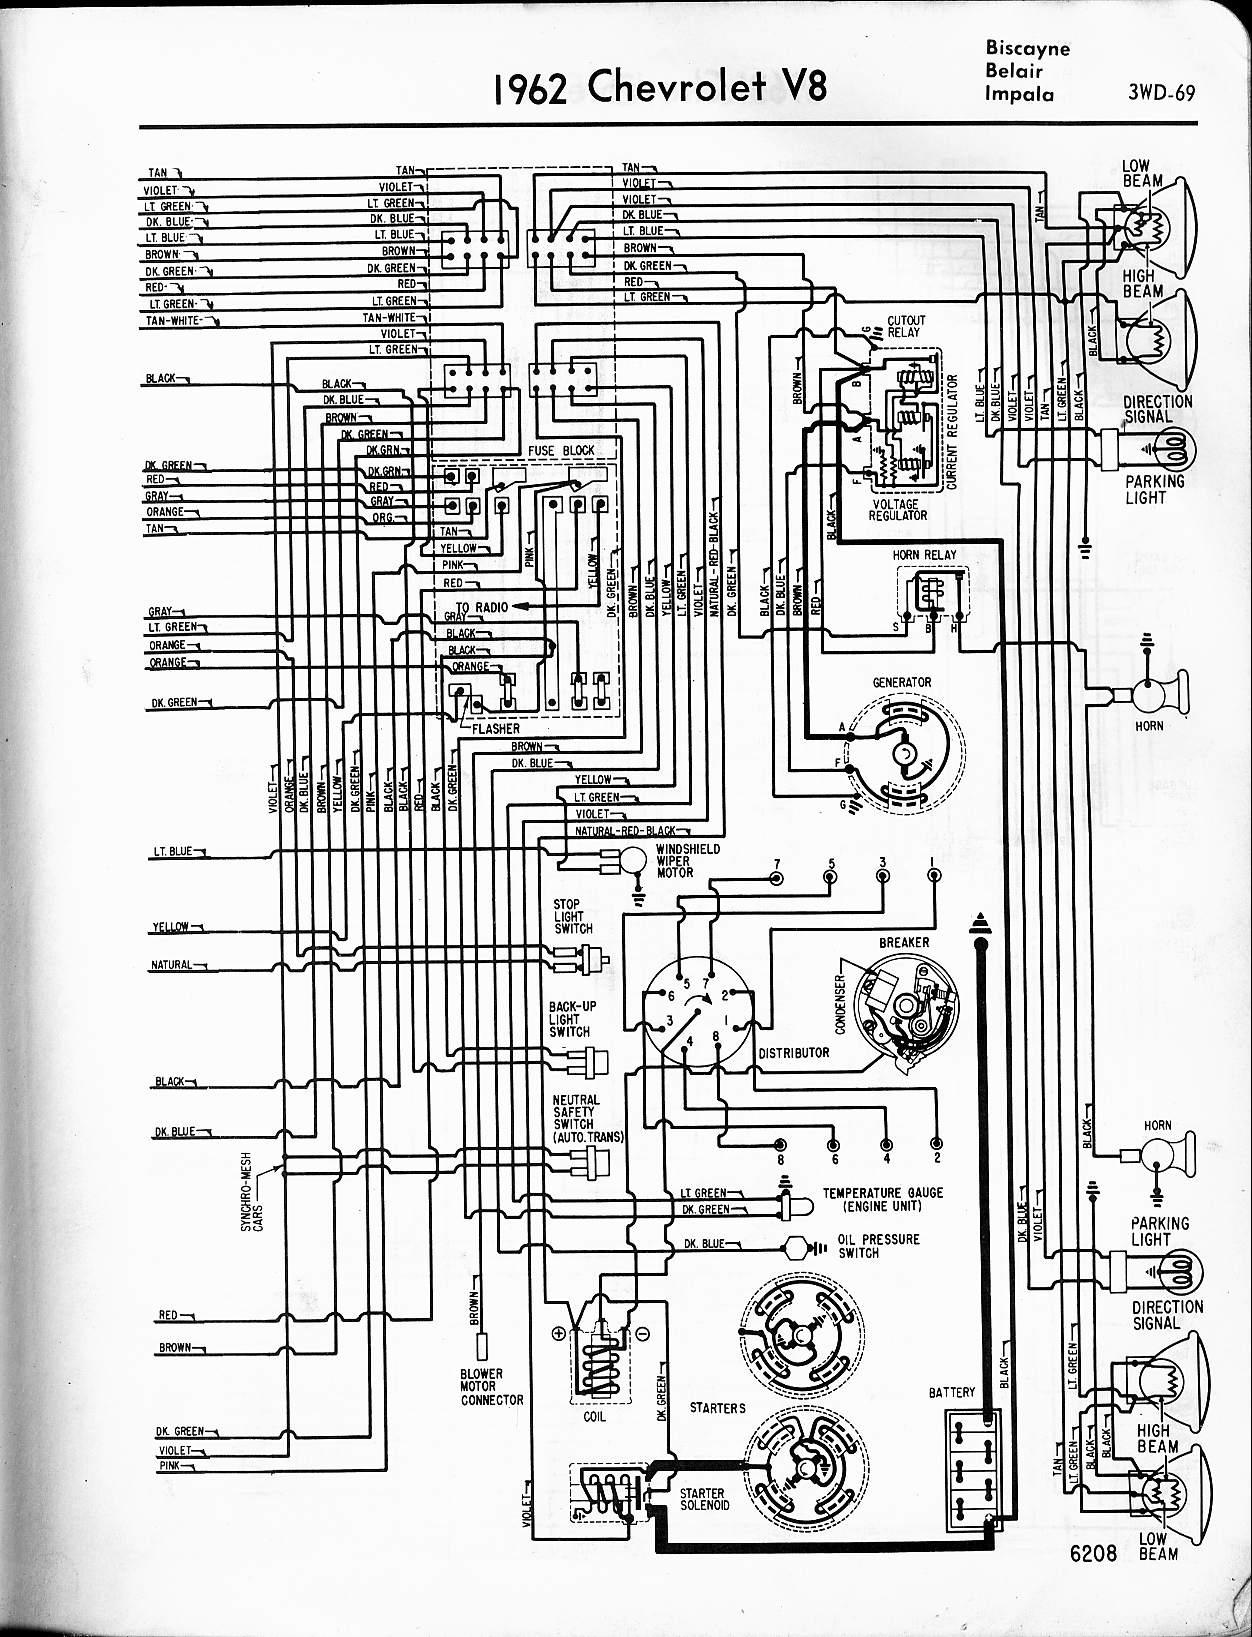 66 Impala Ss Wiring Diagram - Mercedes Ac Wiring Diagram -  jaguar.hazzard.waystar.frWiring Diagram Resource